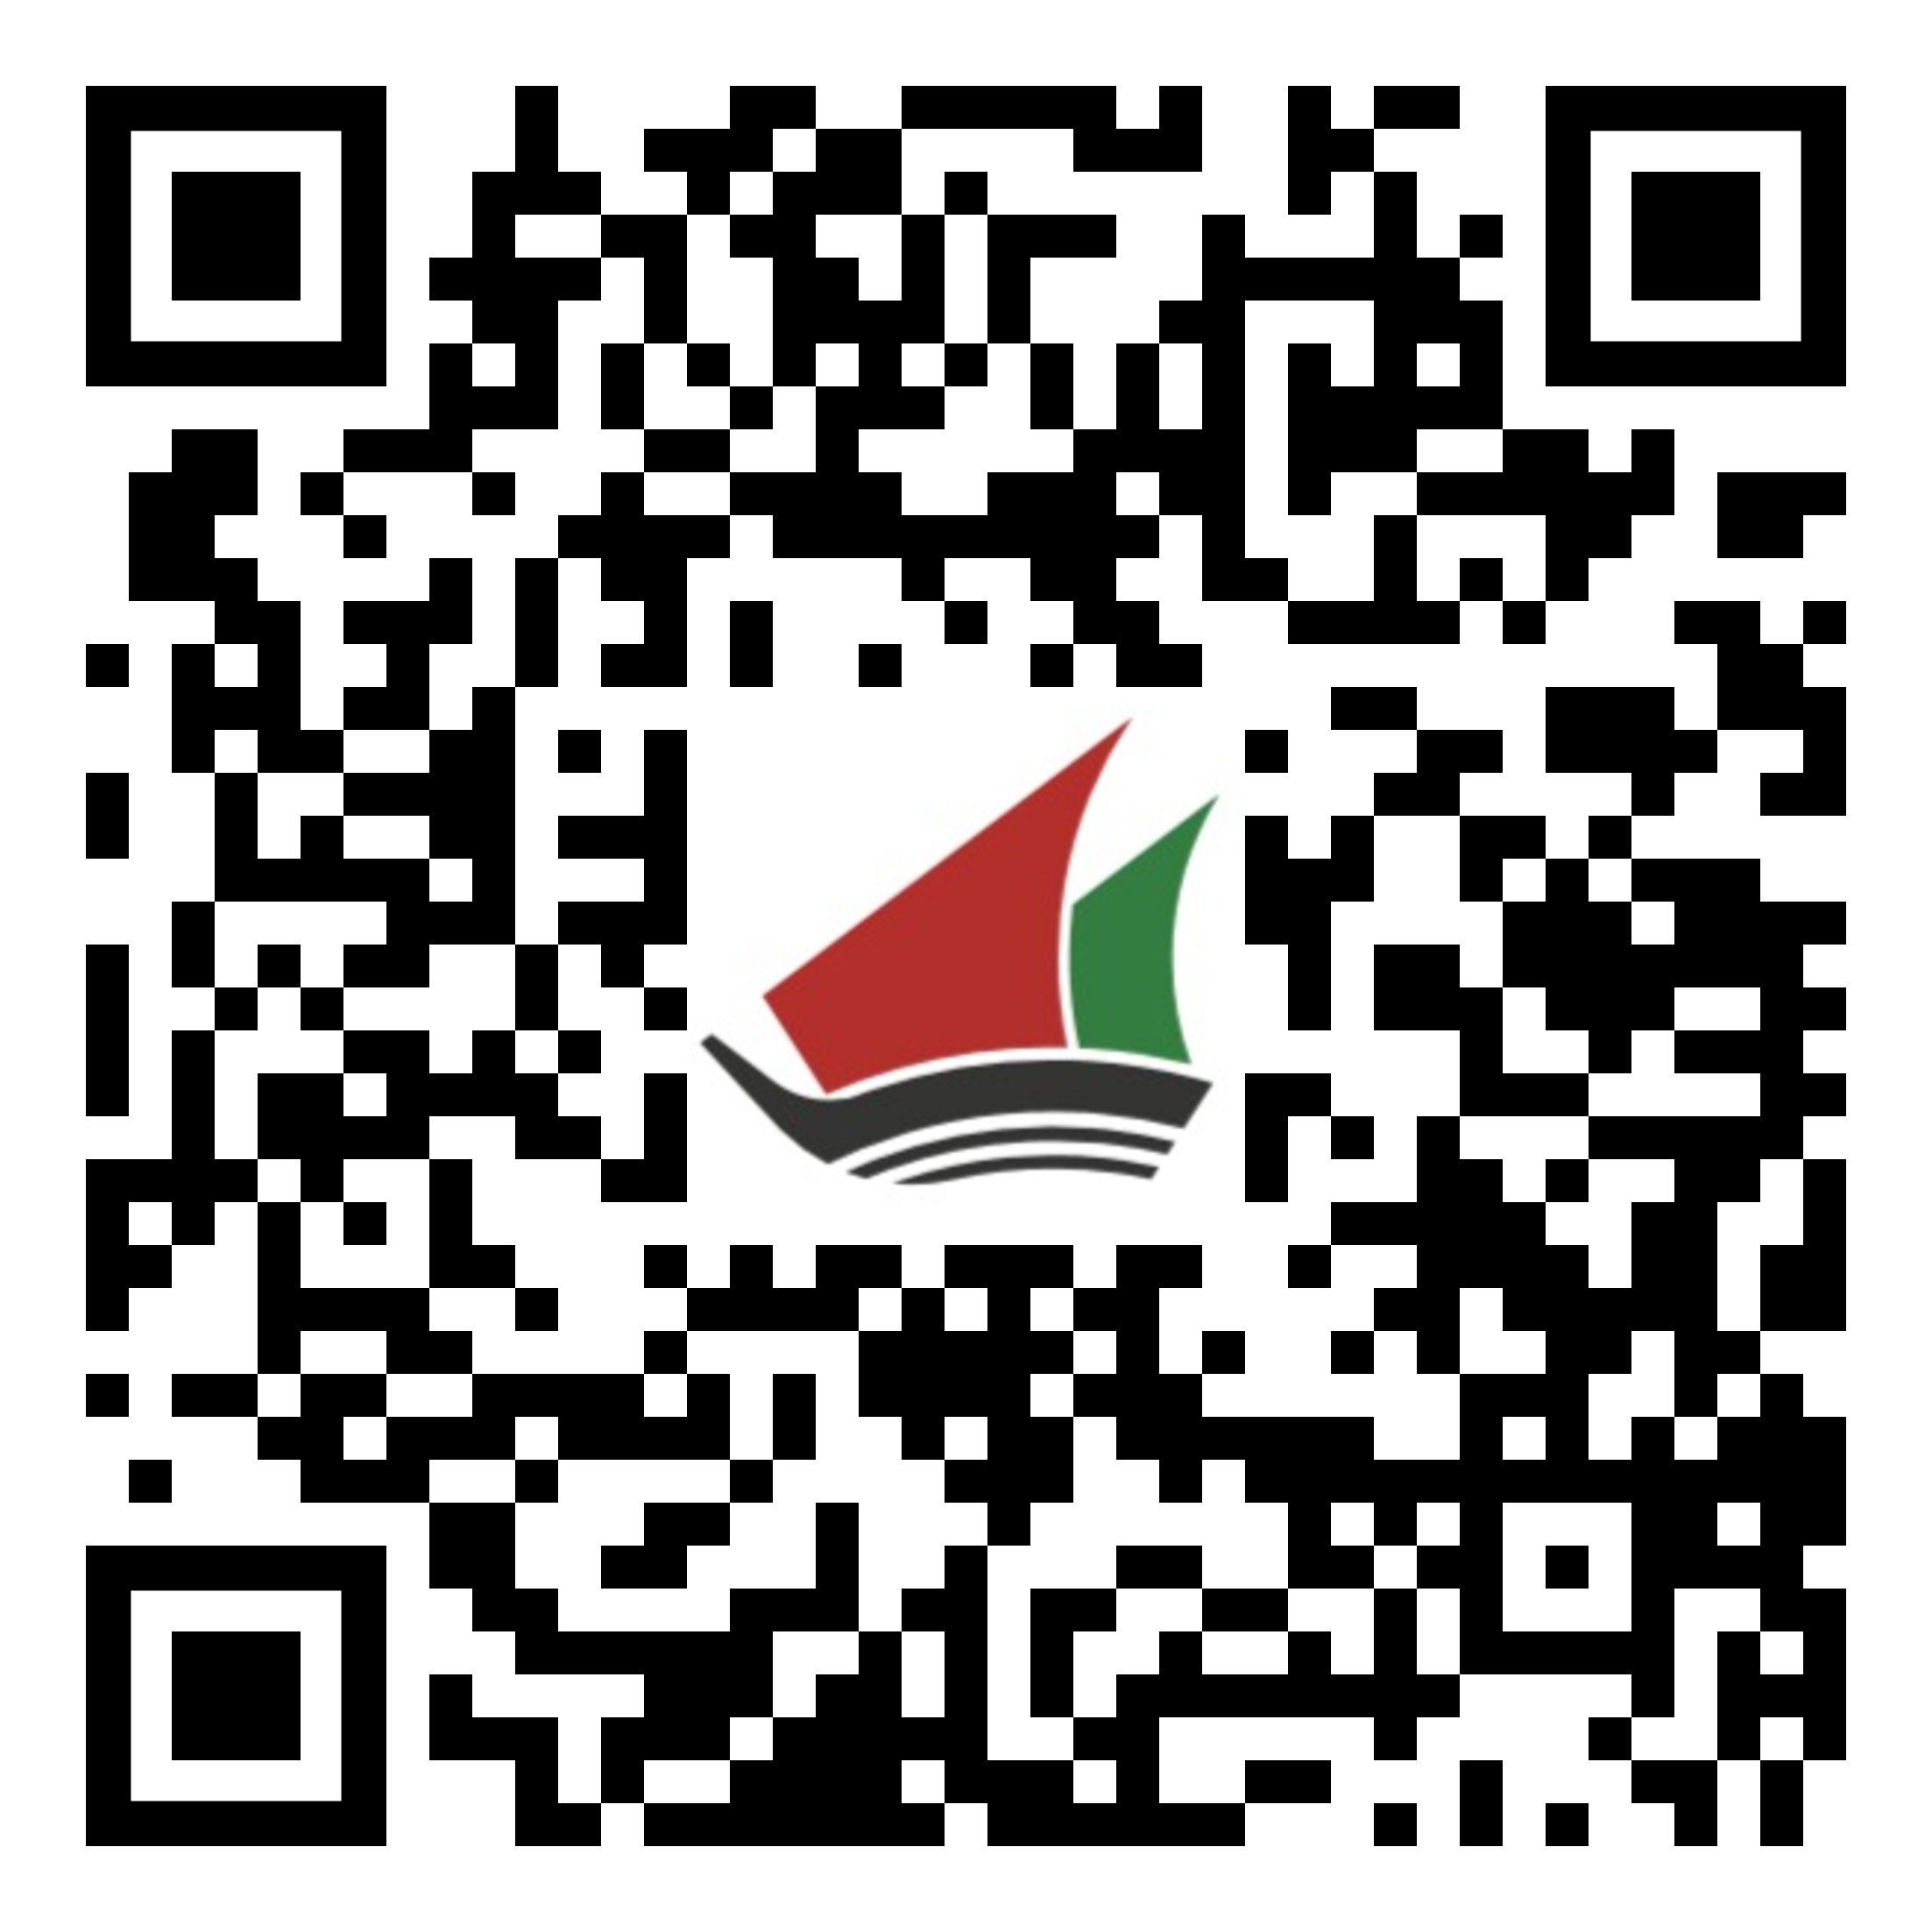 الخدمات الالكترونية لإدارة السجل التجاري